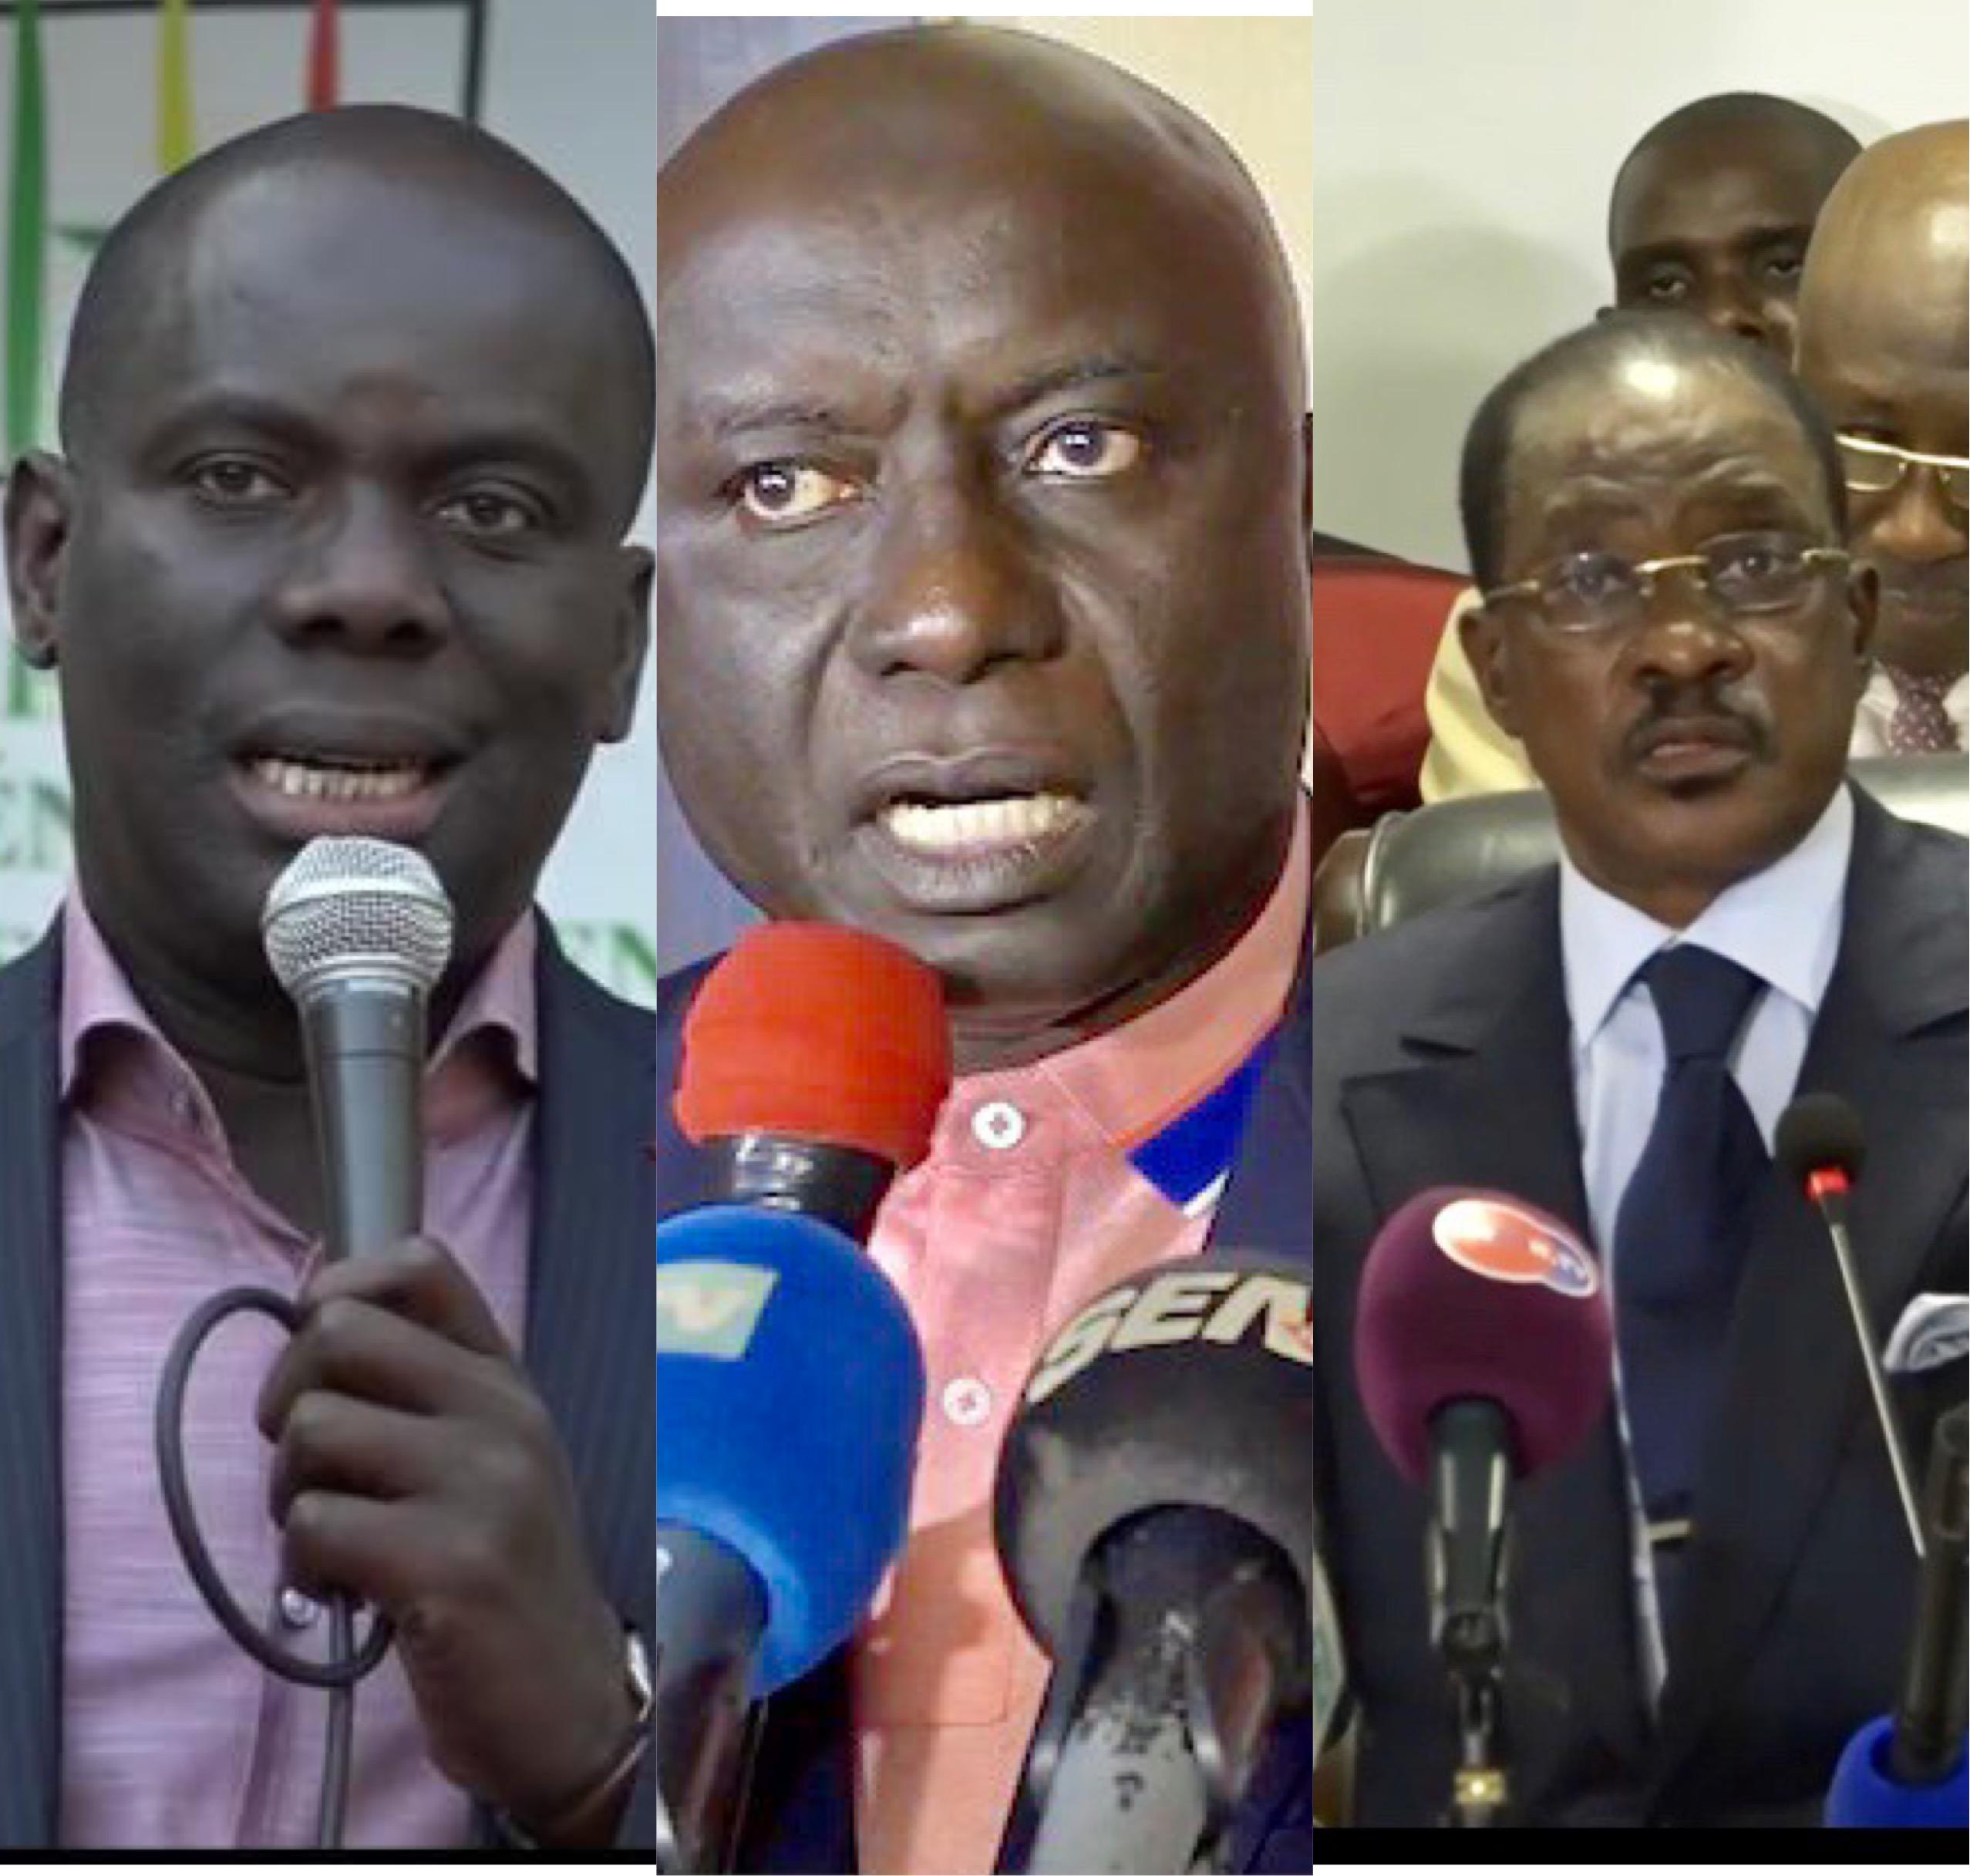 Membres du Collectif des 26 qui ne reconnait plus le parrainage; Idy, Malick Gackou et Madické Niang pourtant déjà sur le terrain pour rejoindre le groupe des 5